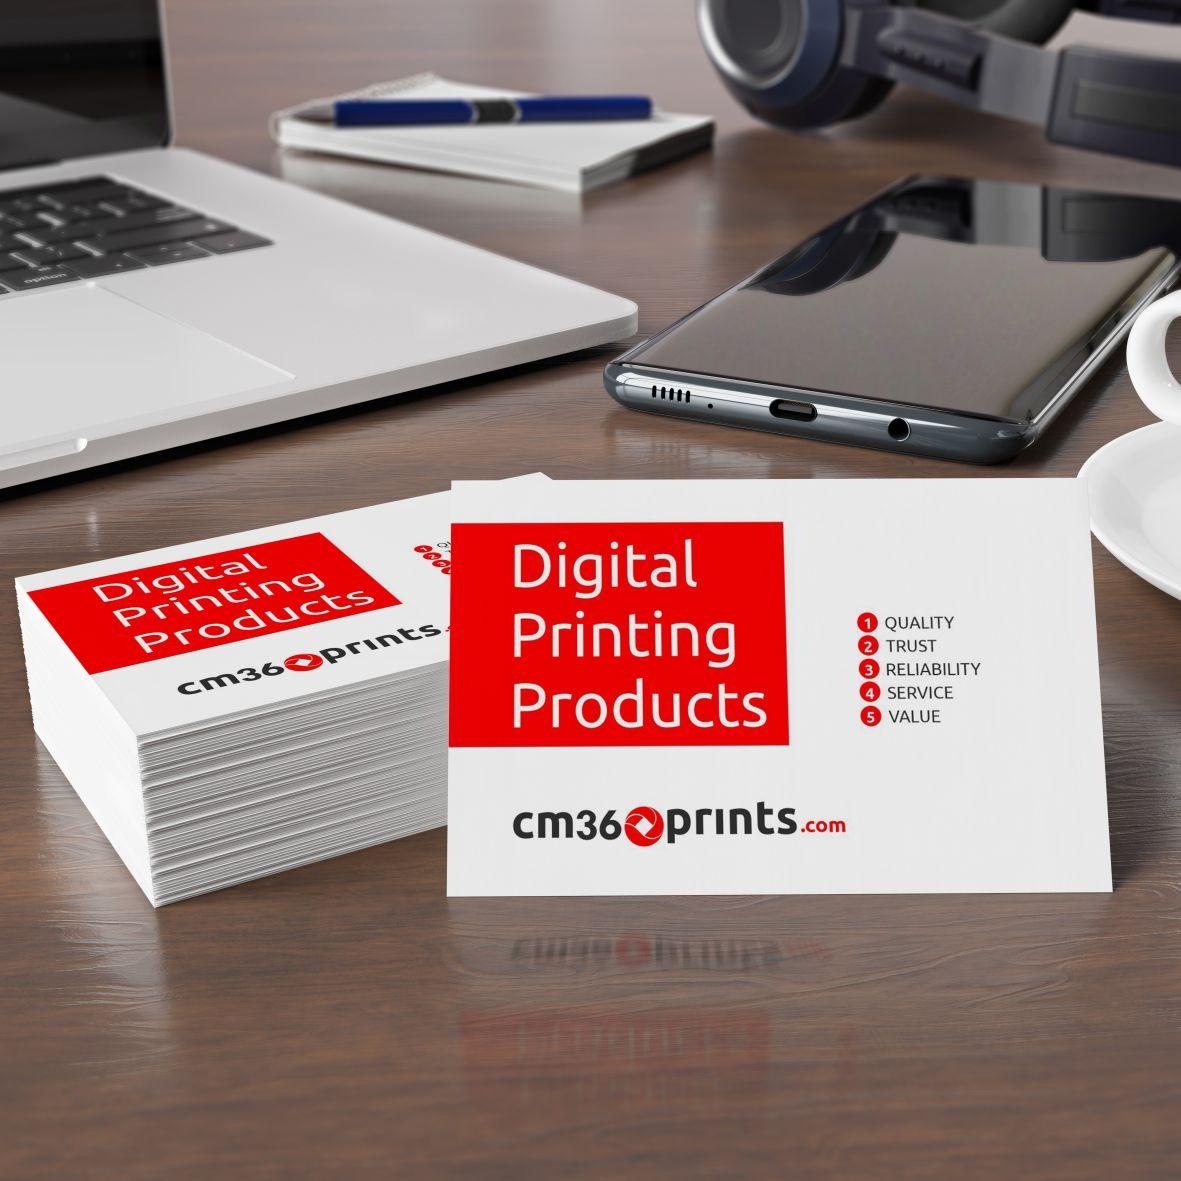 CM360 Prints Ltd